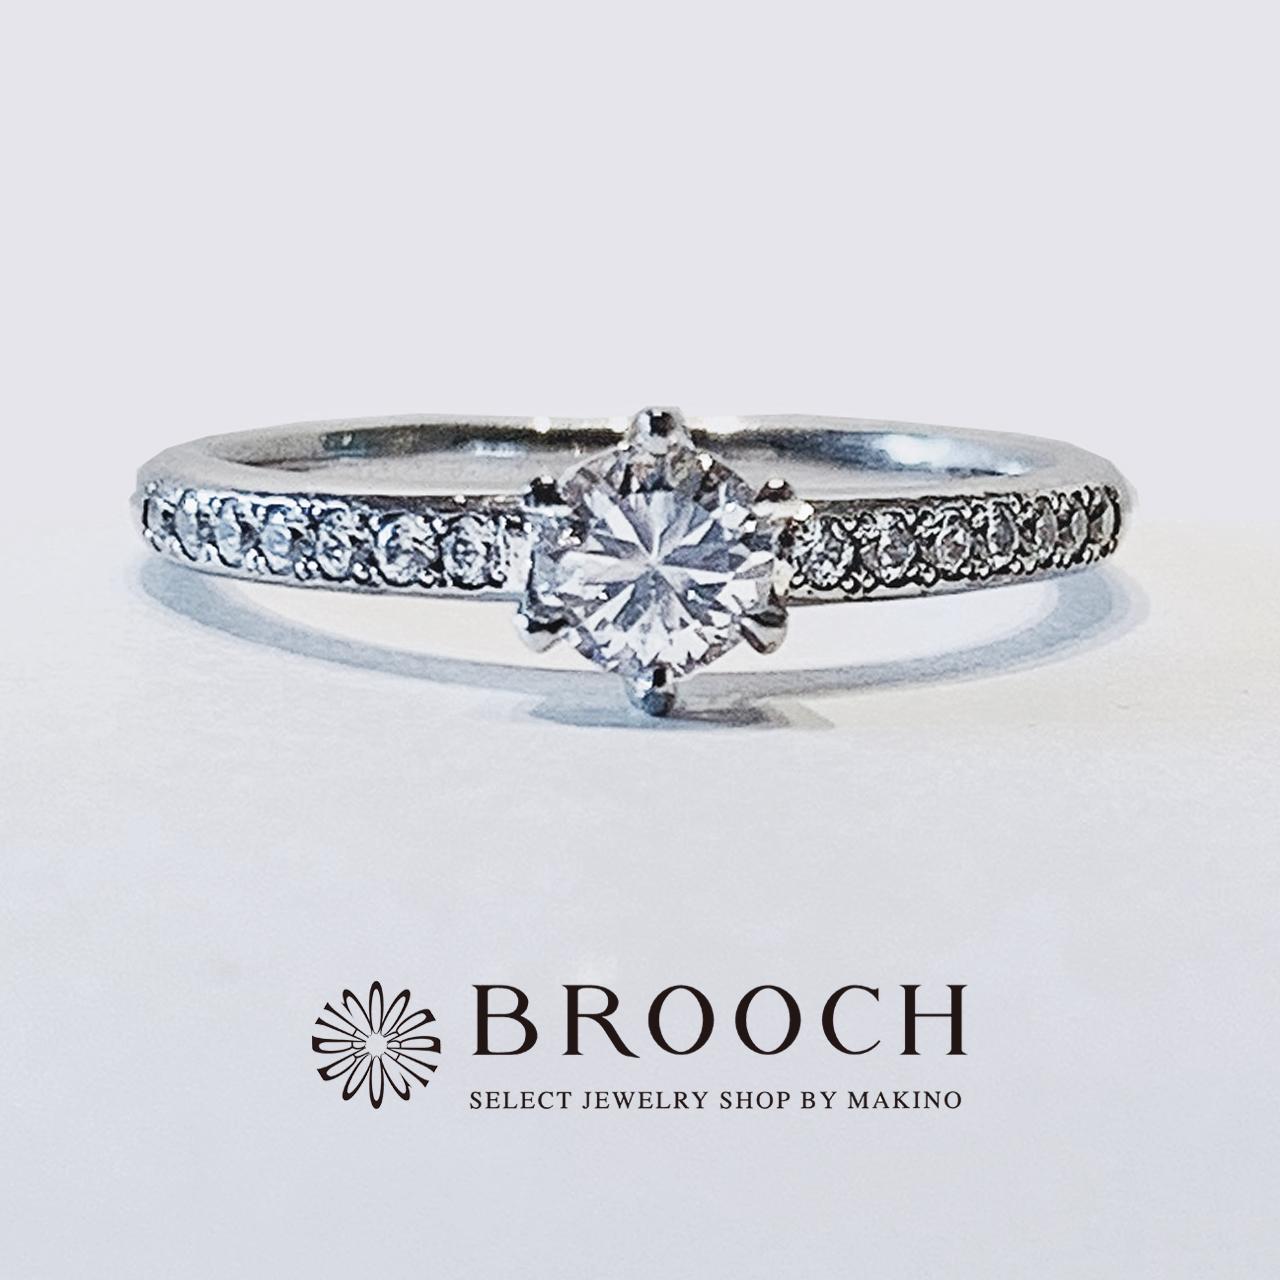 BROOCH 婚約指輪 エンゲージリング ダイヤモンドライン華やかデザイン